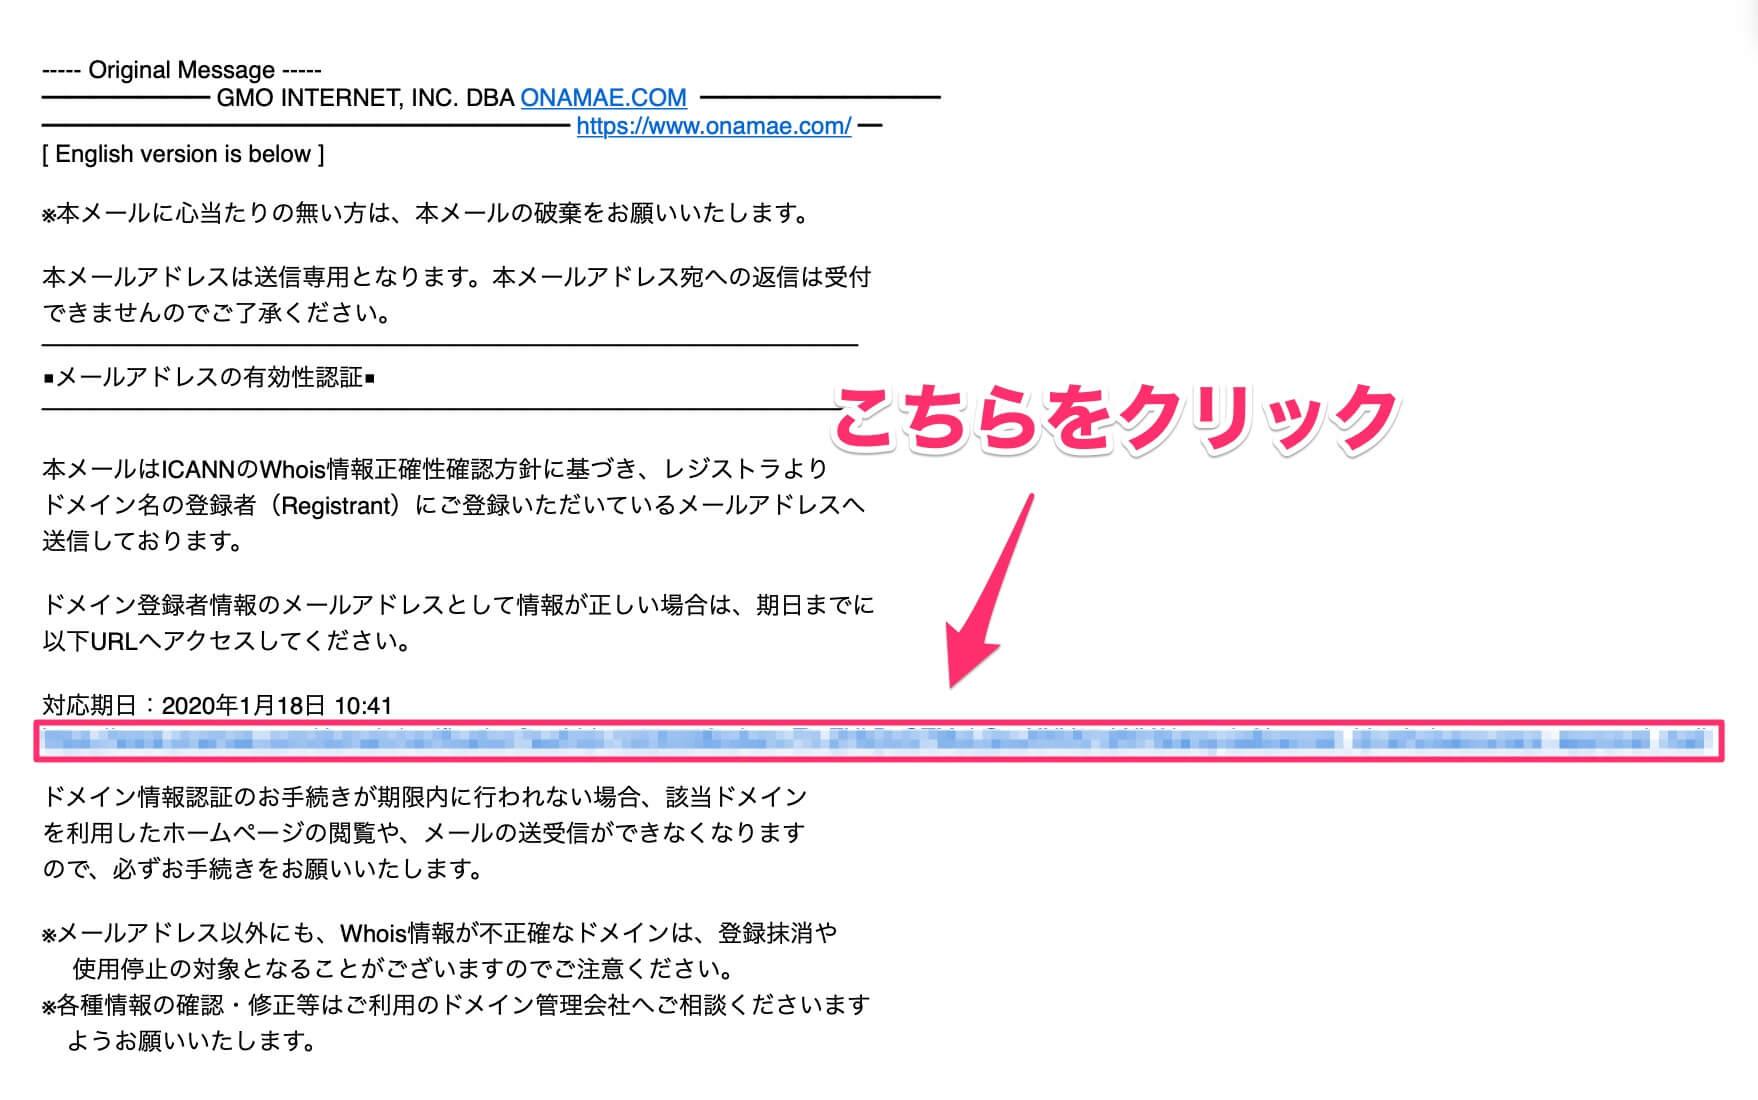 『【重要】[お名前.com] ドメイン 情報認証のお願い』